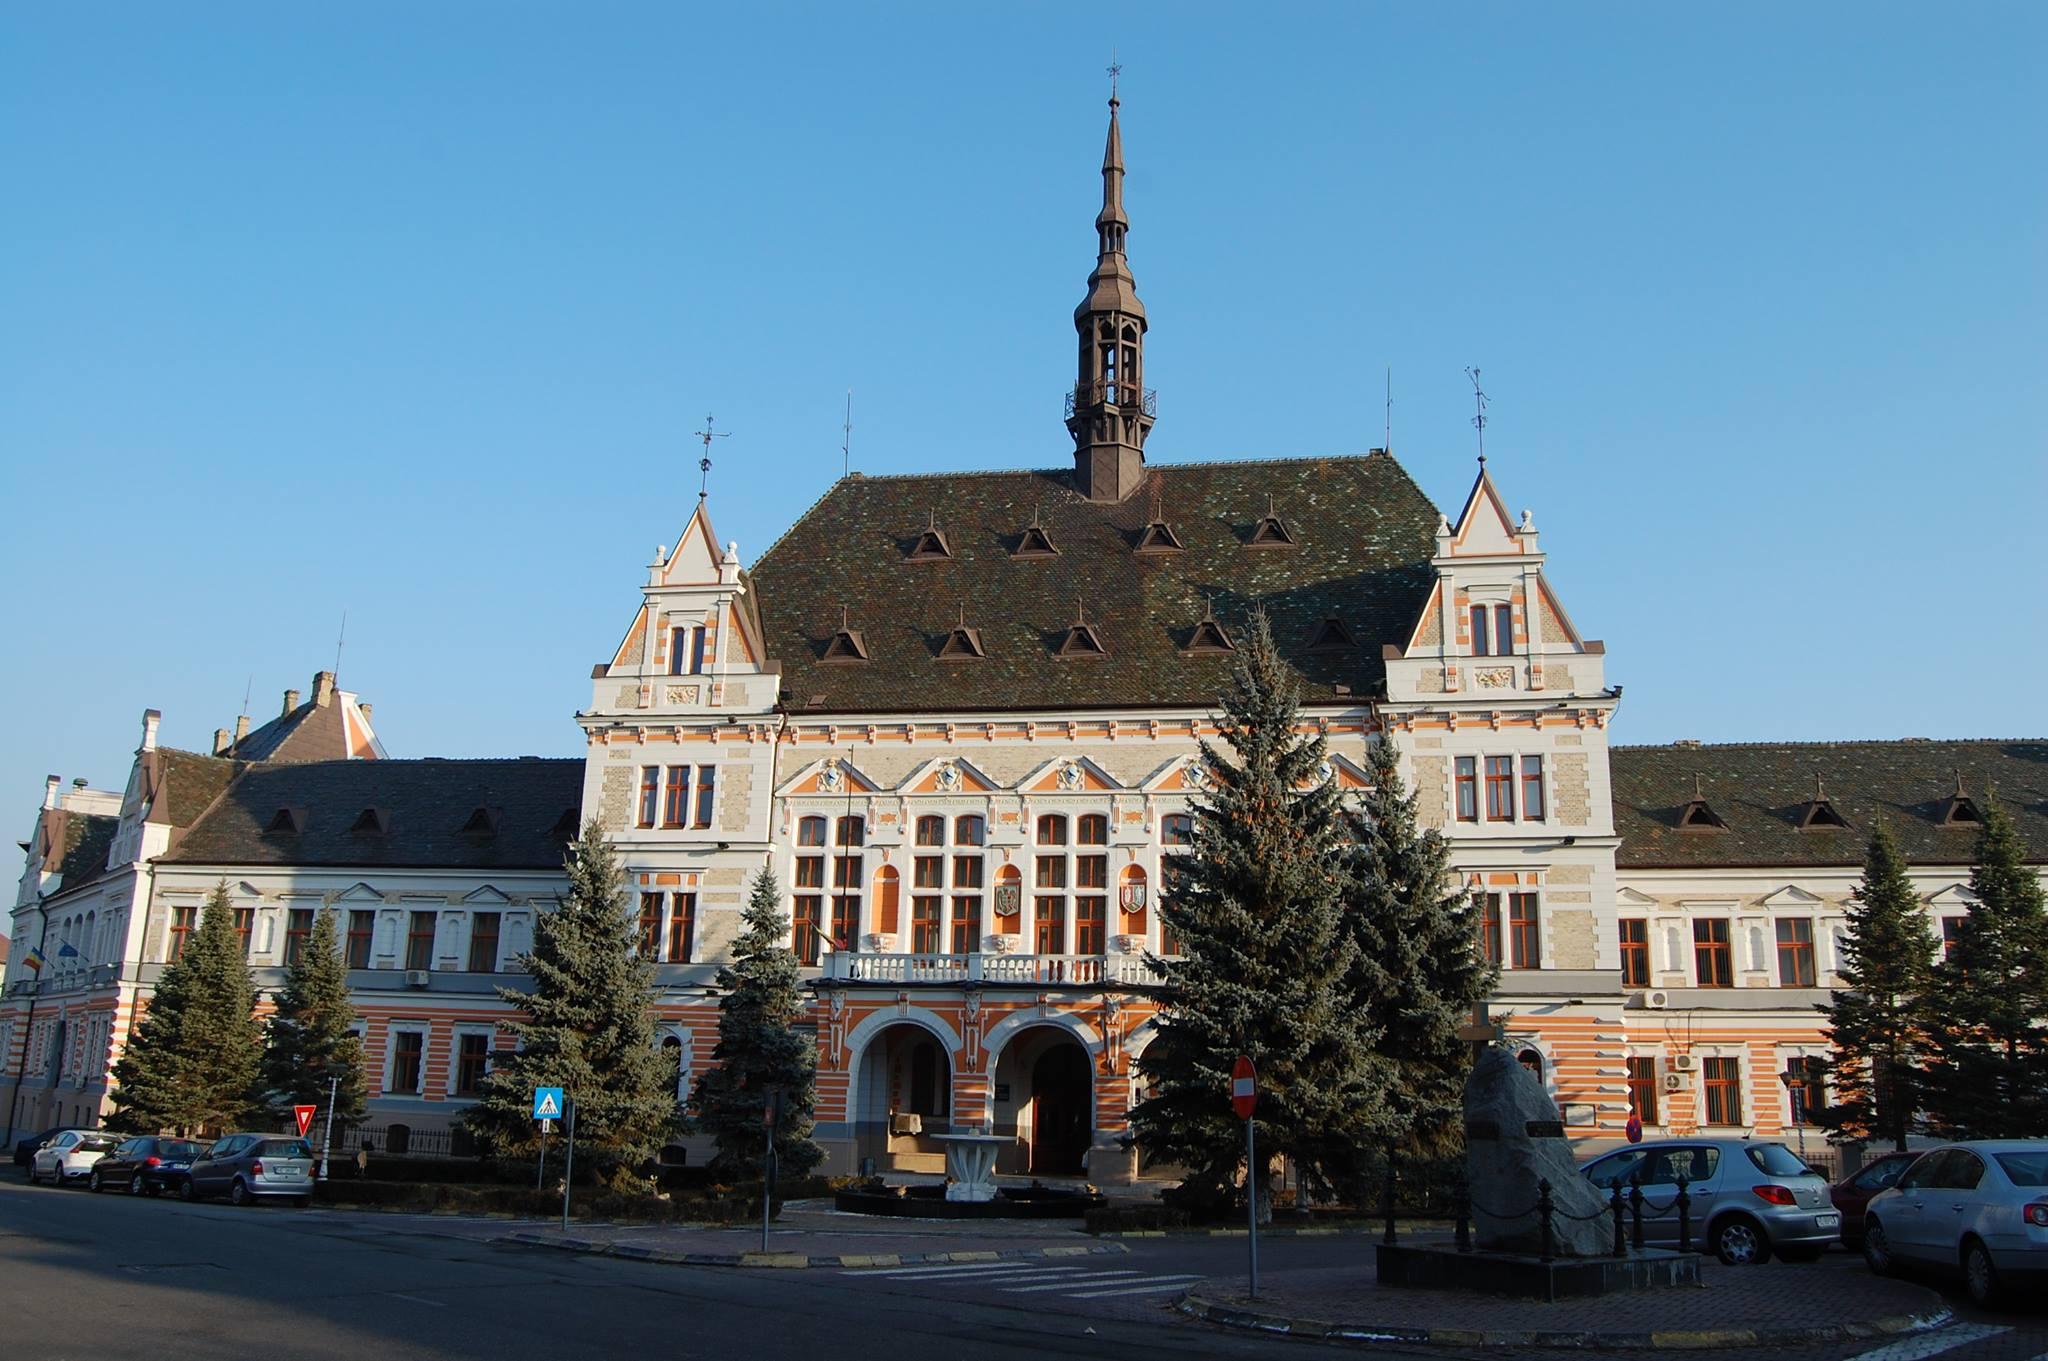 Audiențe suspendate la Consiliul Județean Hunedoara, în contextul creșterii incidenței COVID-19